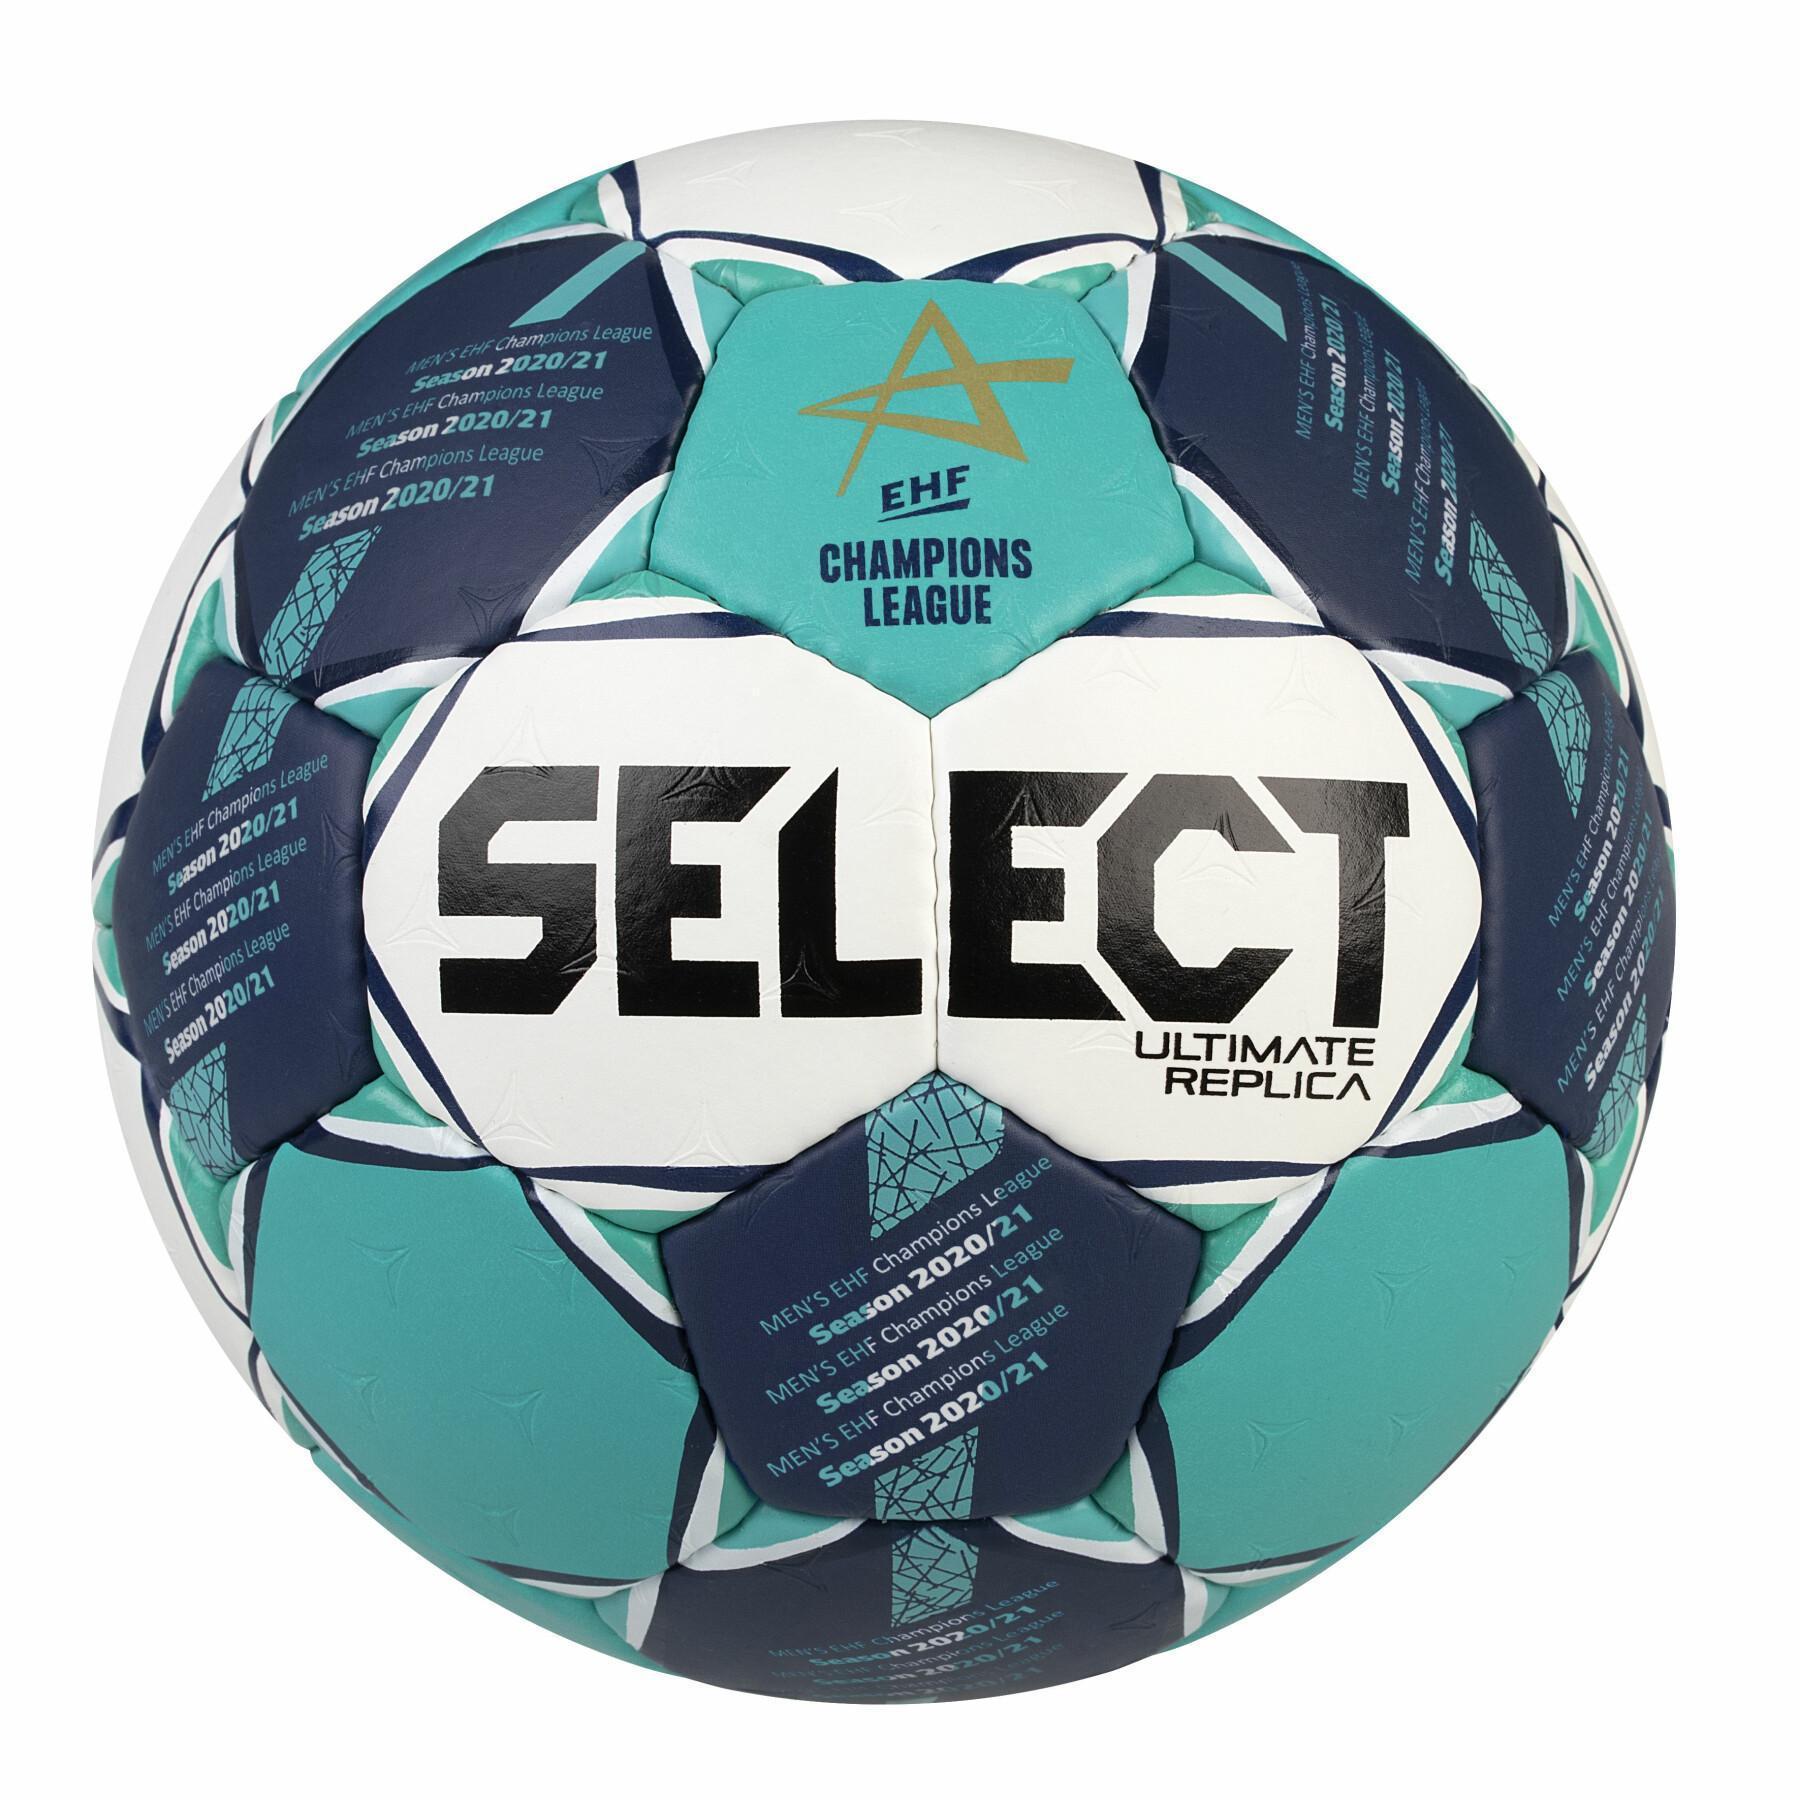 Ballon Ultimate Replica Champions League 2020/21